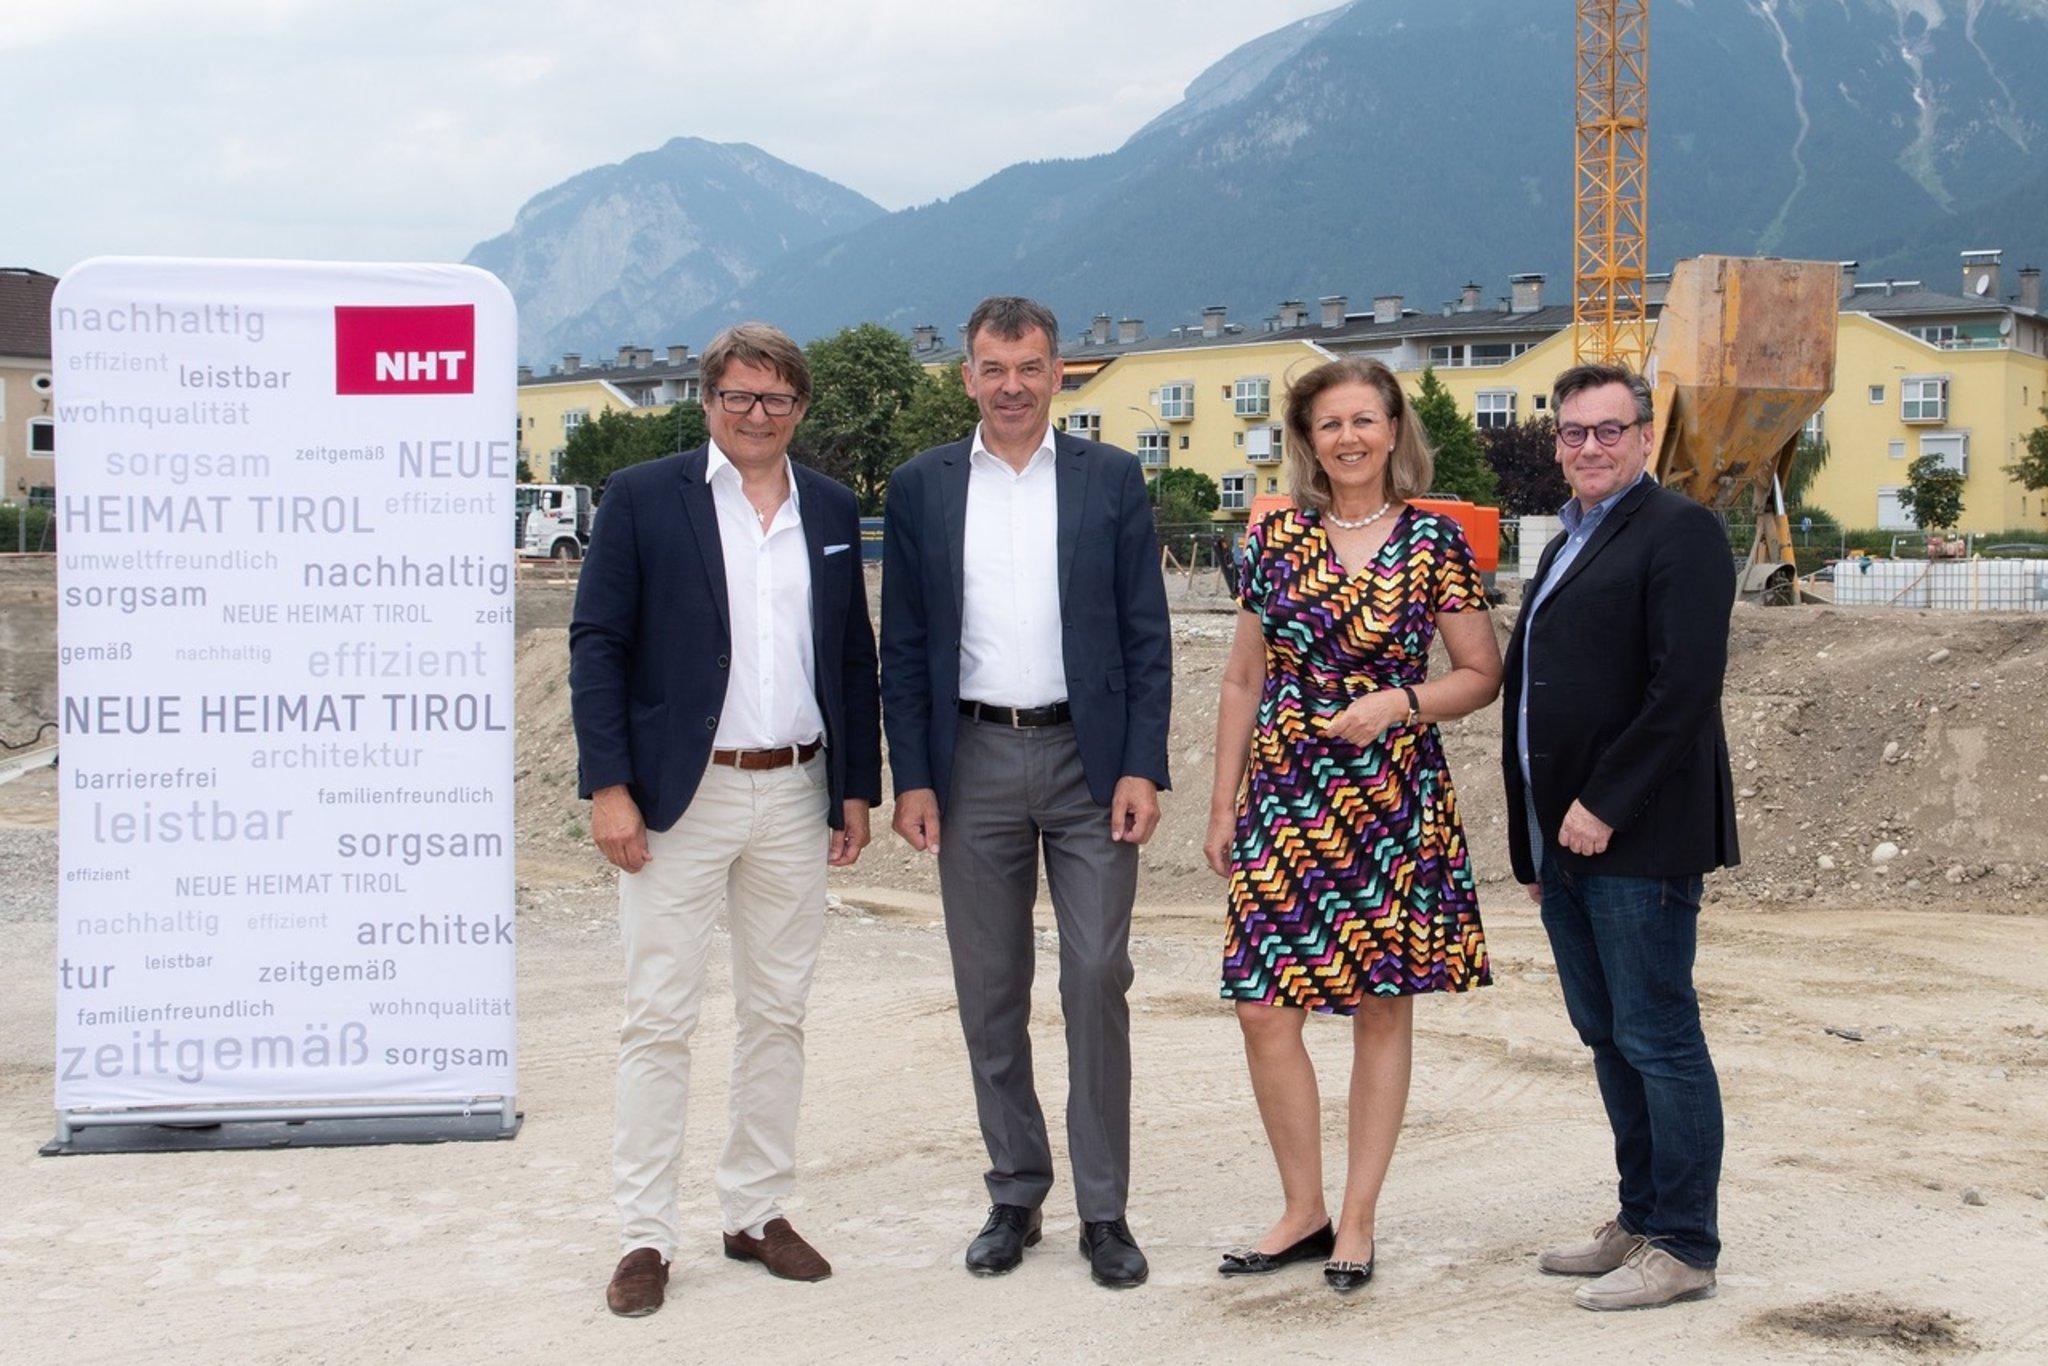 Die Neue Heimat 13 6 Millionen Euro Gewinn Fur Nht Innsbruck